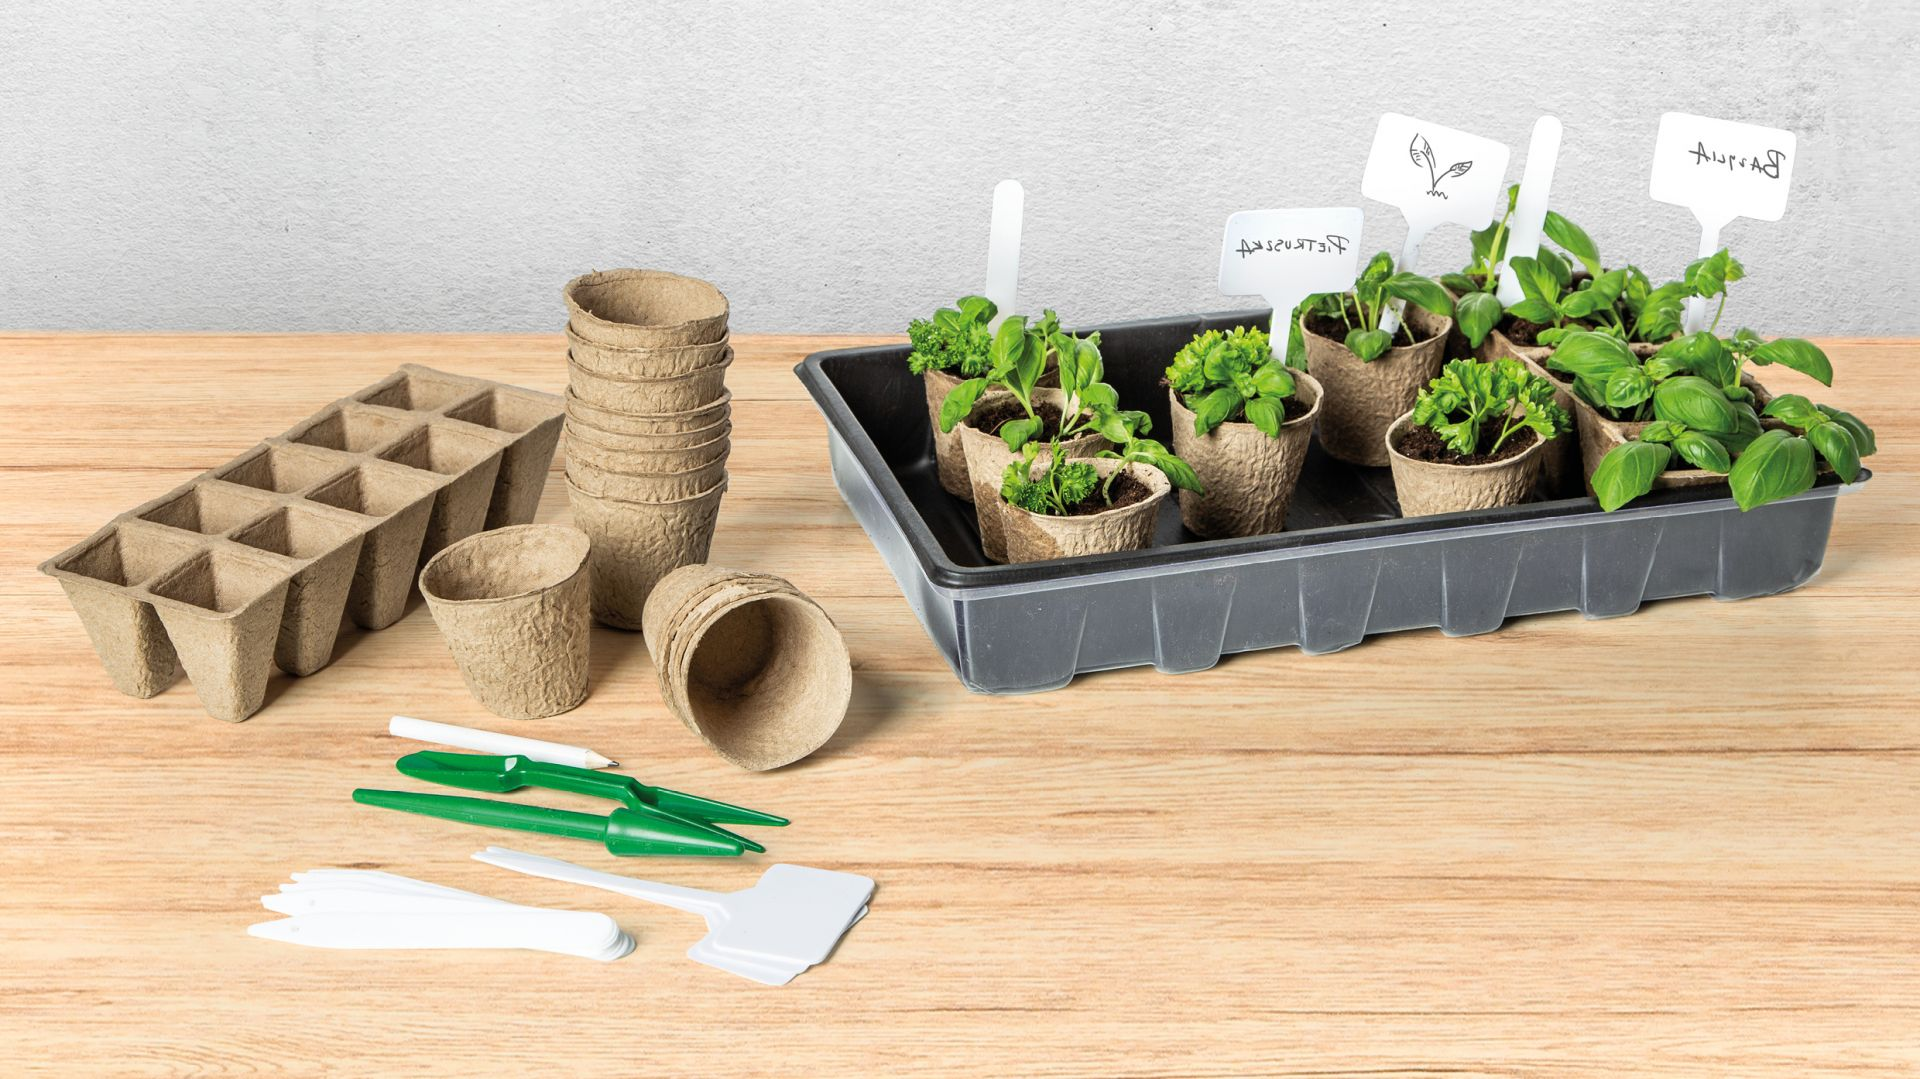 Przy hodowli roślin przydatny będzie duży zestaw do rozsad, który zawiera pojemniki i kubki papierowe, etykiety, widelec i tacę z pokrywką oraz matę.  Fot. Netto